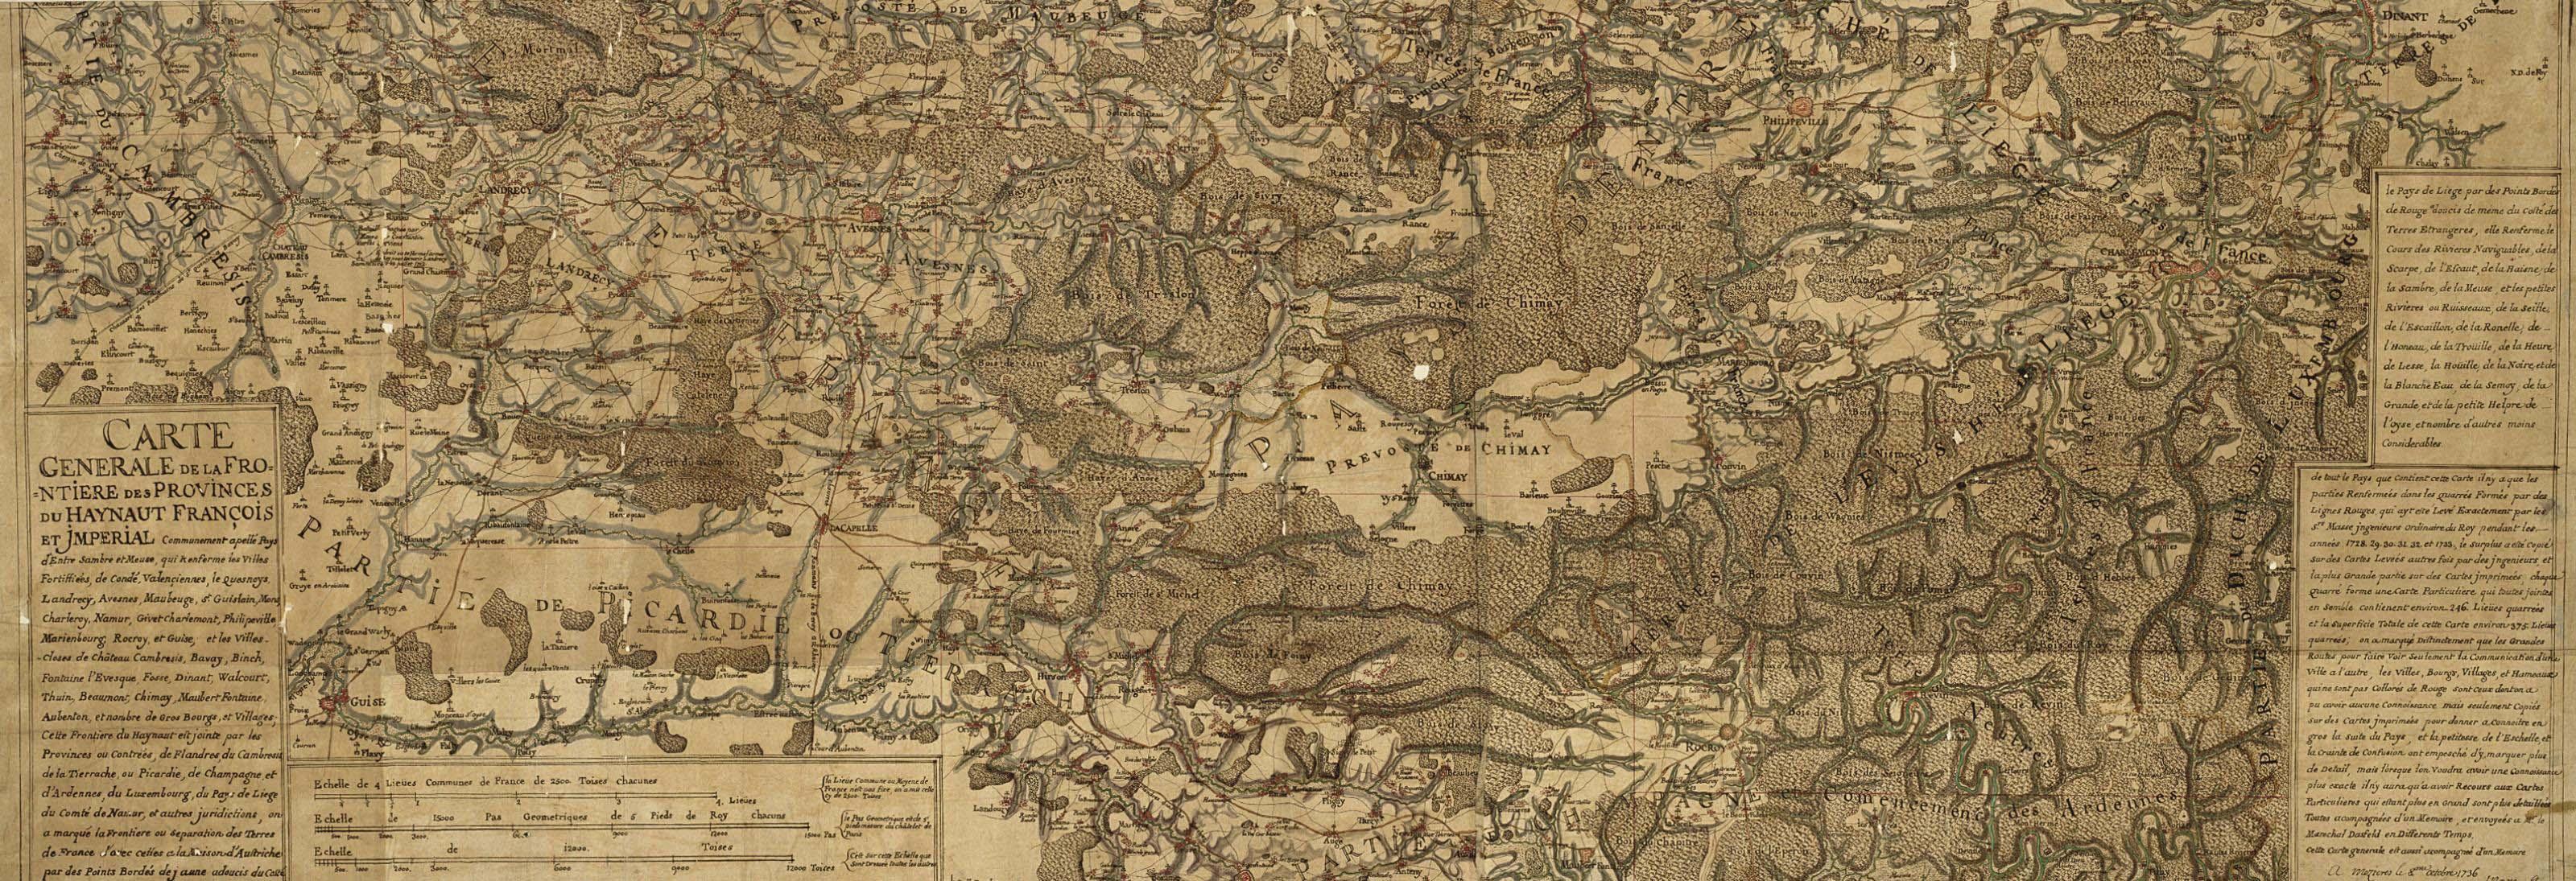 MASSE, Claude (1652-1737) and sons. Carte Générale de la Frontière des Provinces du Haynaut François et Imperial. Mezieres: 8 October 1736.